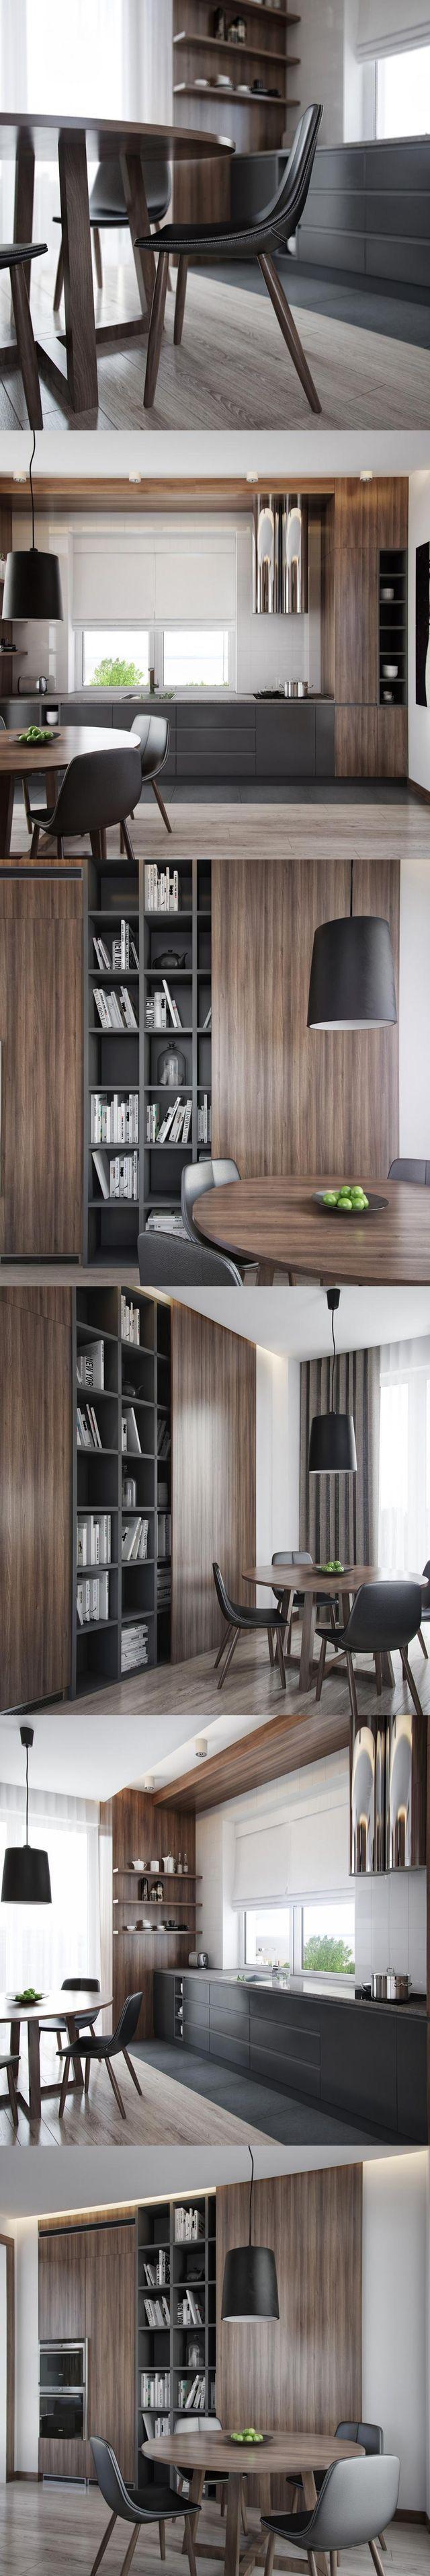 厨房:1高柜深胡桃木门板+灰色烤漆柜体,2橱柜灰色烤漆地柜+石英石台面,3白色墙砖4浅灰色木纹砖